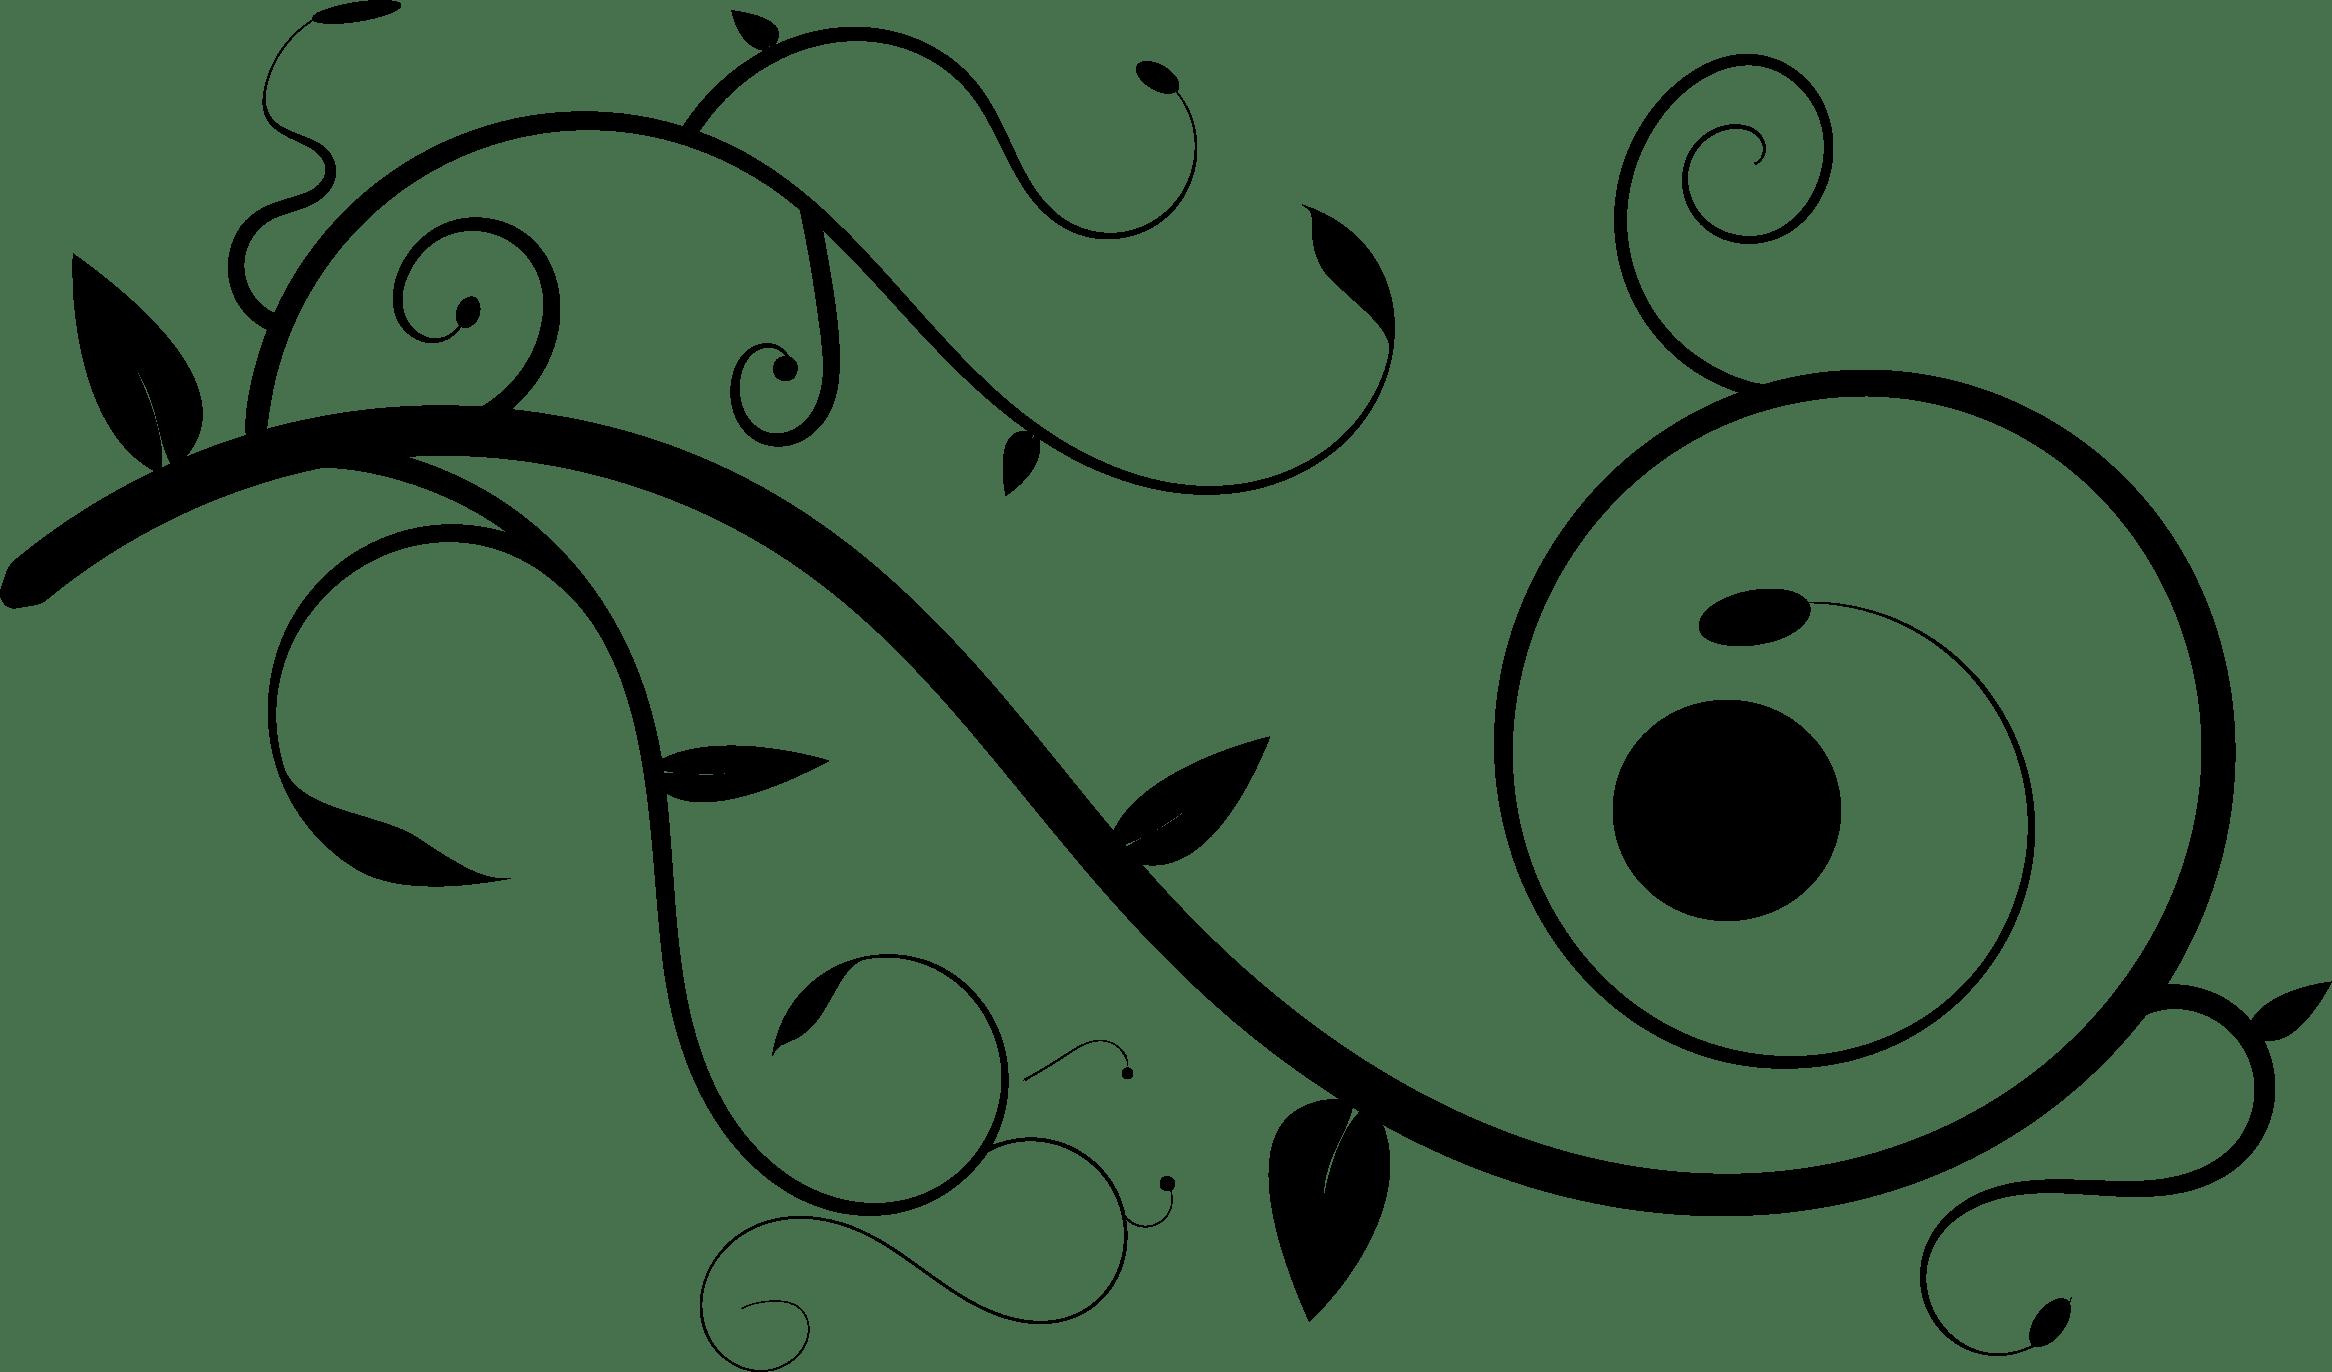 Line Art Ornament Clip Art